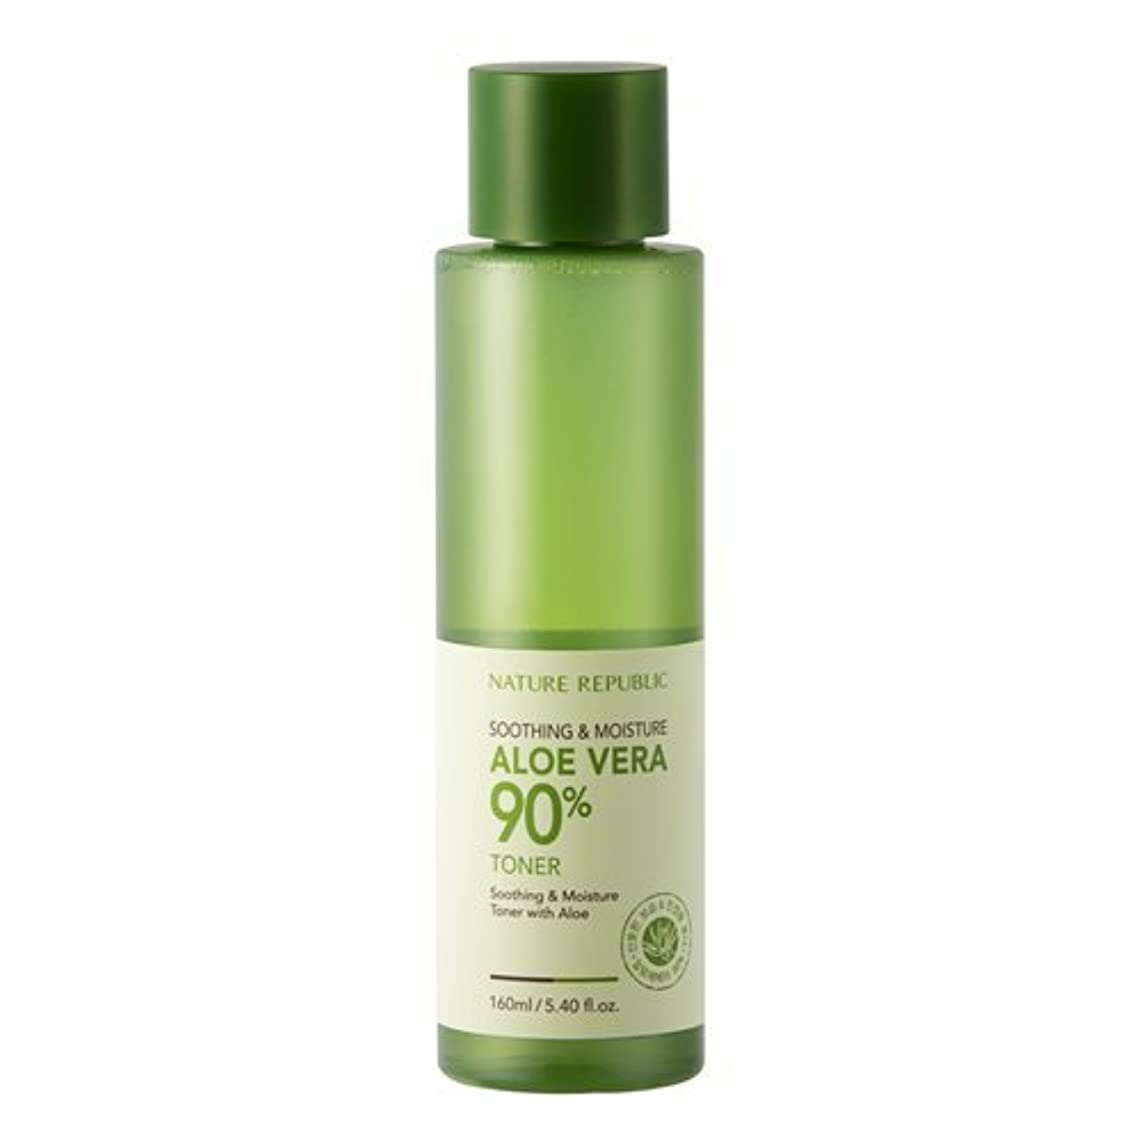 忠実に広まった宣伝Nature Republic Soothing & Moisture Aloe Vera 90% Toner 160ml